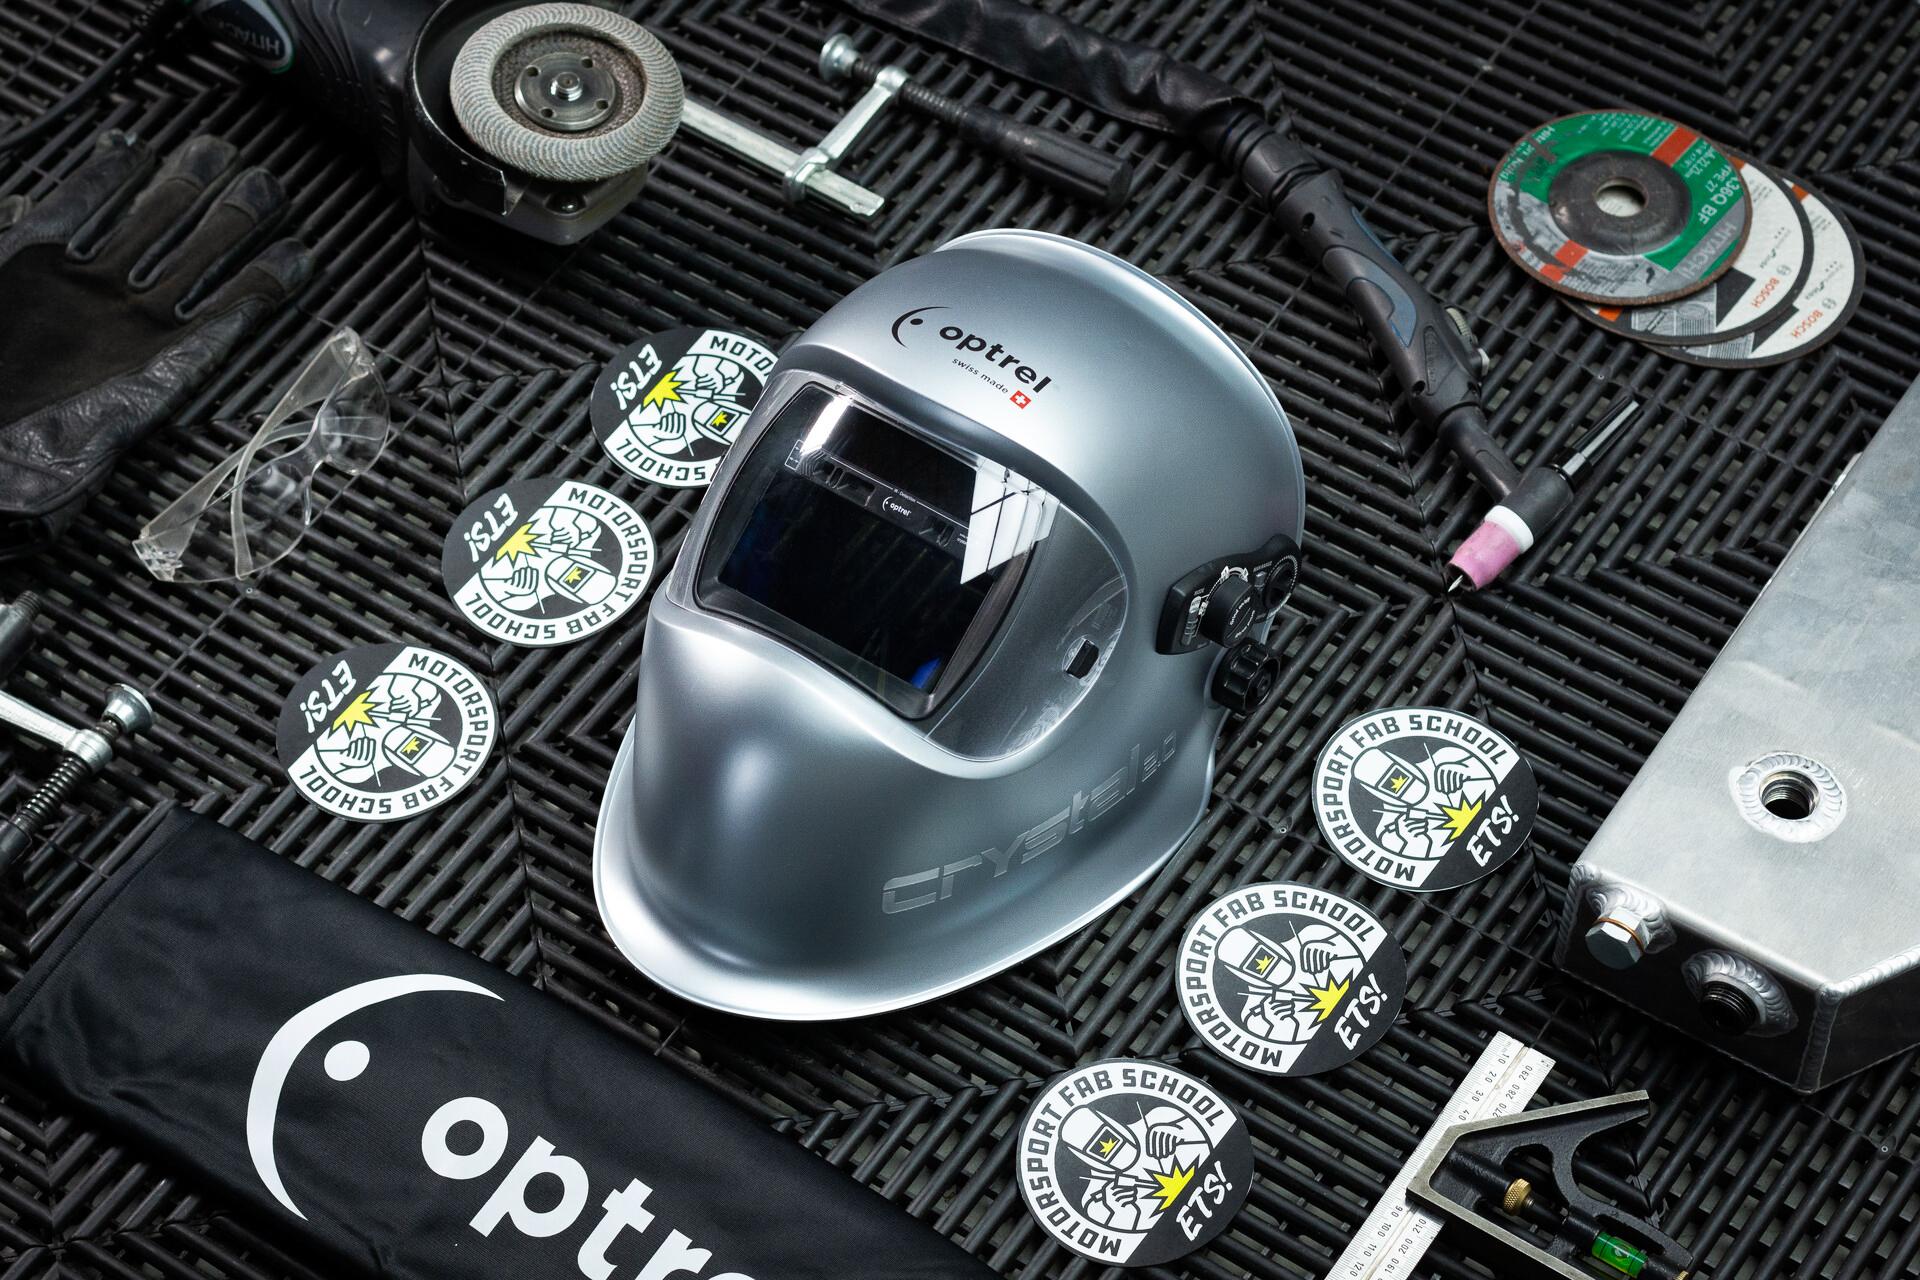 GIVEAWAY: Optrel Welding Helmet + Training courses + Earnest Apron